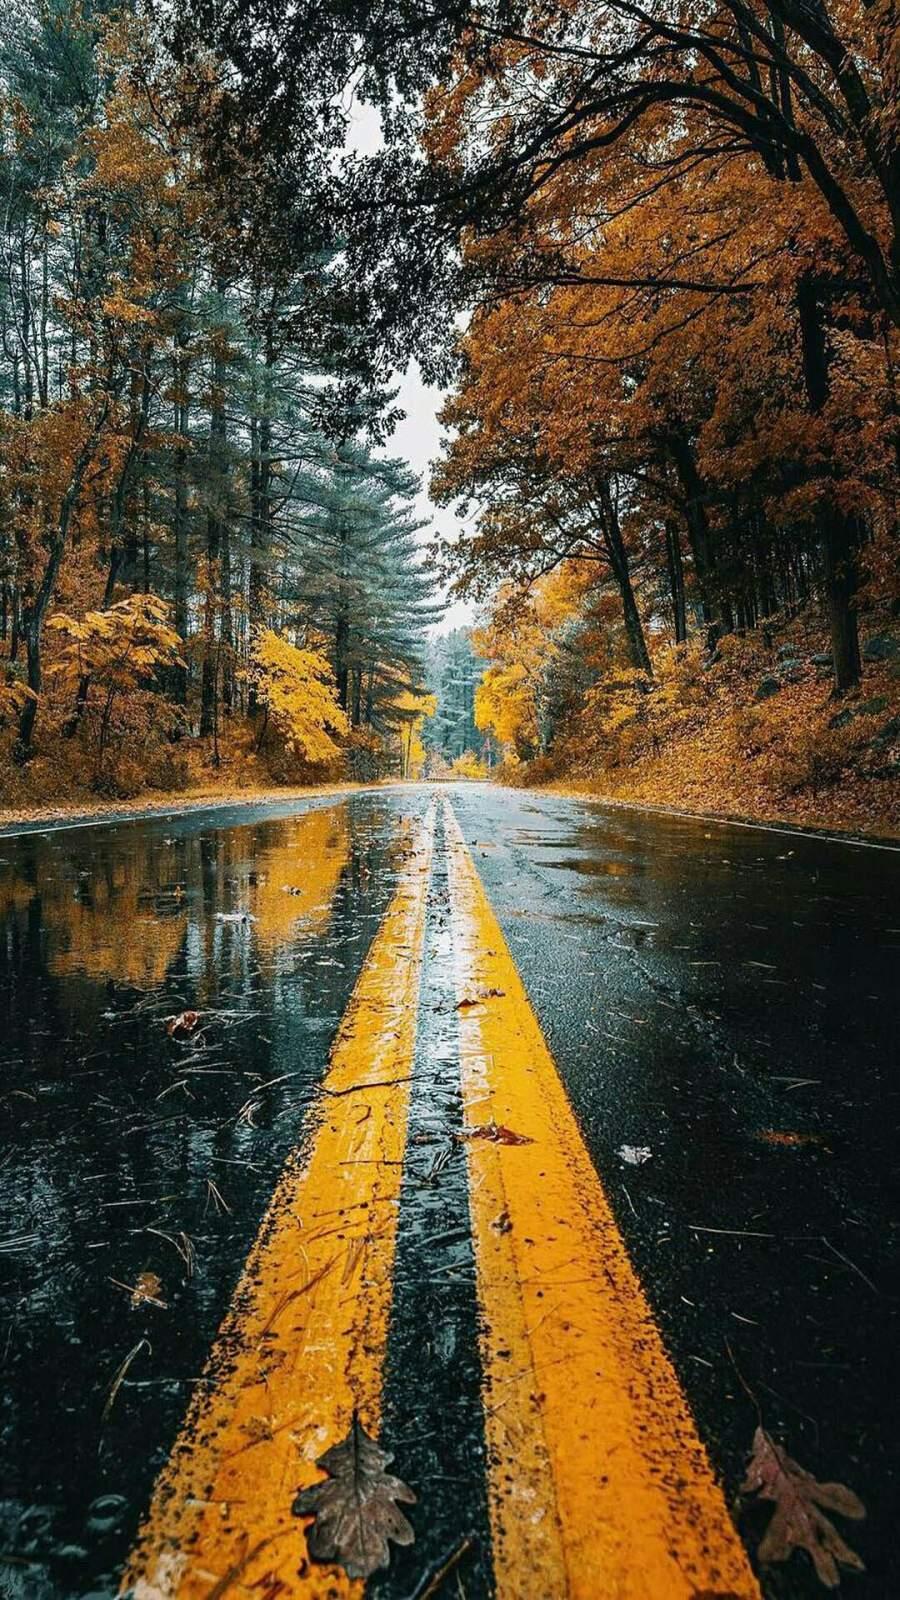 Autumn Wet Road iPhone Wallpaper